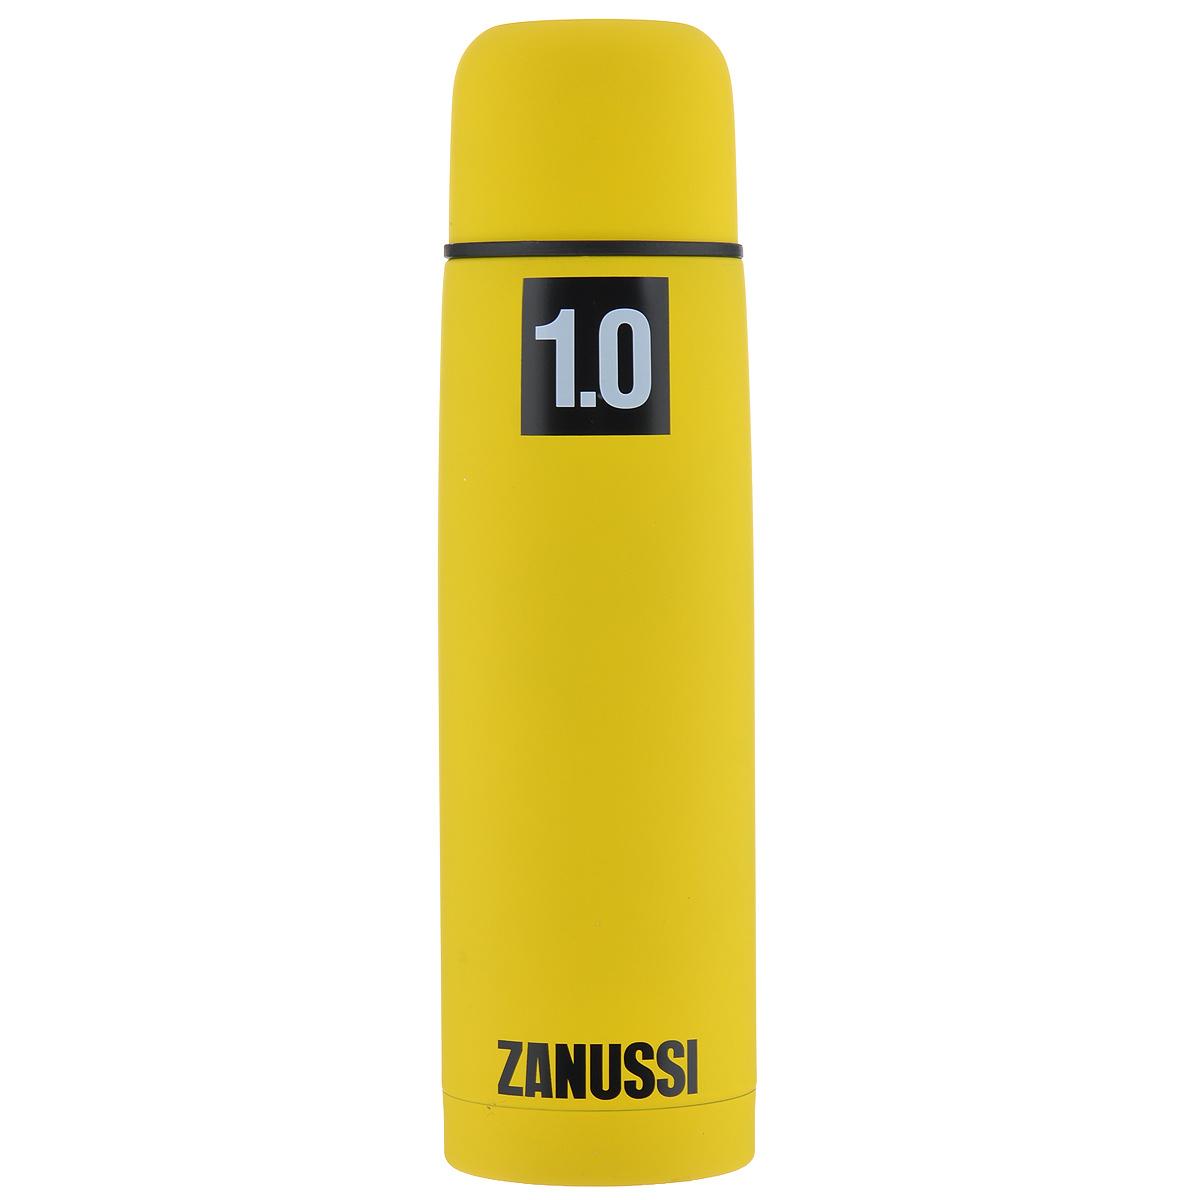 Термос Zanussi, цвет: желтый, 1 лZVF51221CFТермос с узким горлом Zanussi, изготовленный из высококачественной нержавеющей стали 18/10, является простым в использовании, экономичным и многофункциональным. Корпус изделия оснащен резиновым покрытием, благодаря чему термос практически невозможно разбить, он защищен от сколов. Термос с двухстеночной вакуумной изоляцией, предназначенный для хранения горячих и холодных напитков (чая, кофе), сохраняет их до 12 часов горячими и холодными в течении 24 часов. Изделие укомплектовано пробкой с кнопкой. Такая пробка удобна в использовании и позволяет, не отвинчивая ее, наливать напитки после простого нажатия. Изделие также оснащено крышкой-чашкой. Легкий и прочный термос Zanussi сохранит ваши напитки горячими или холодными надолго.